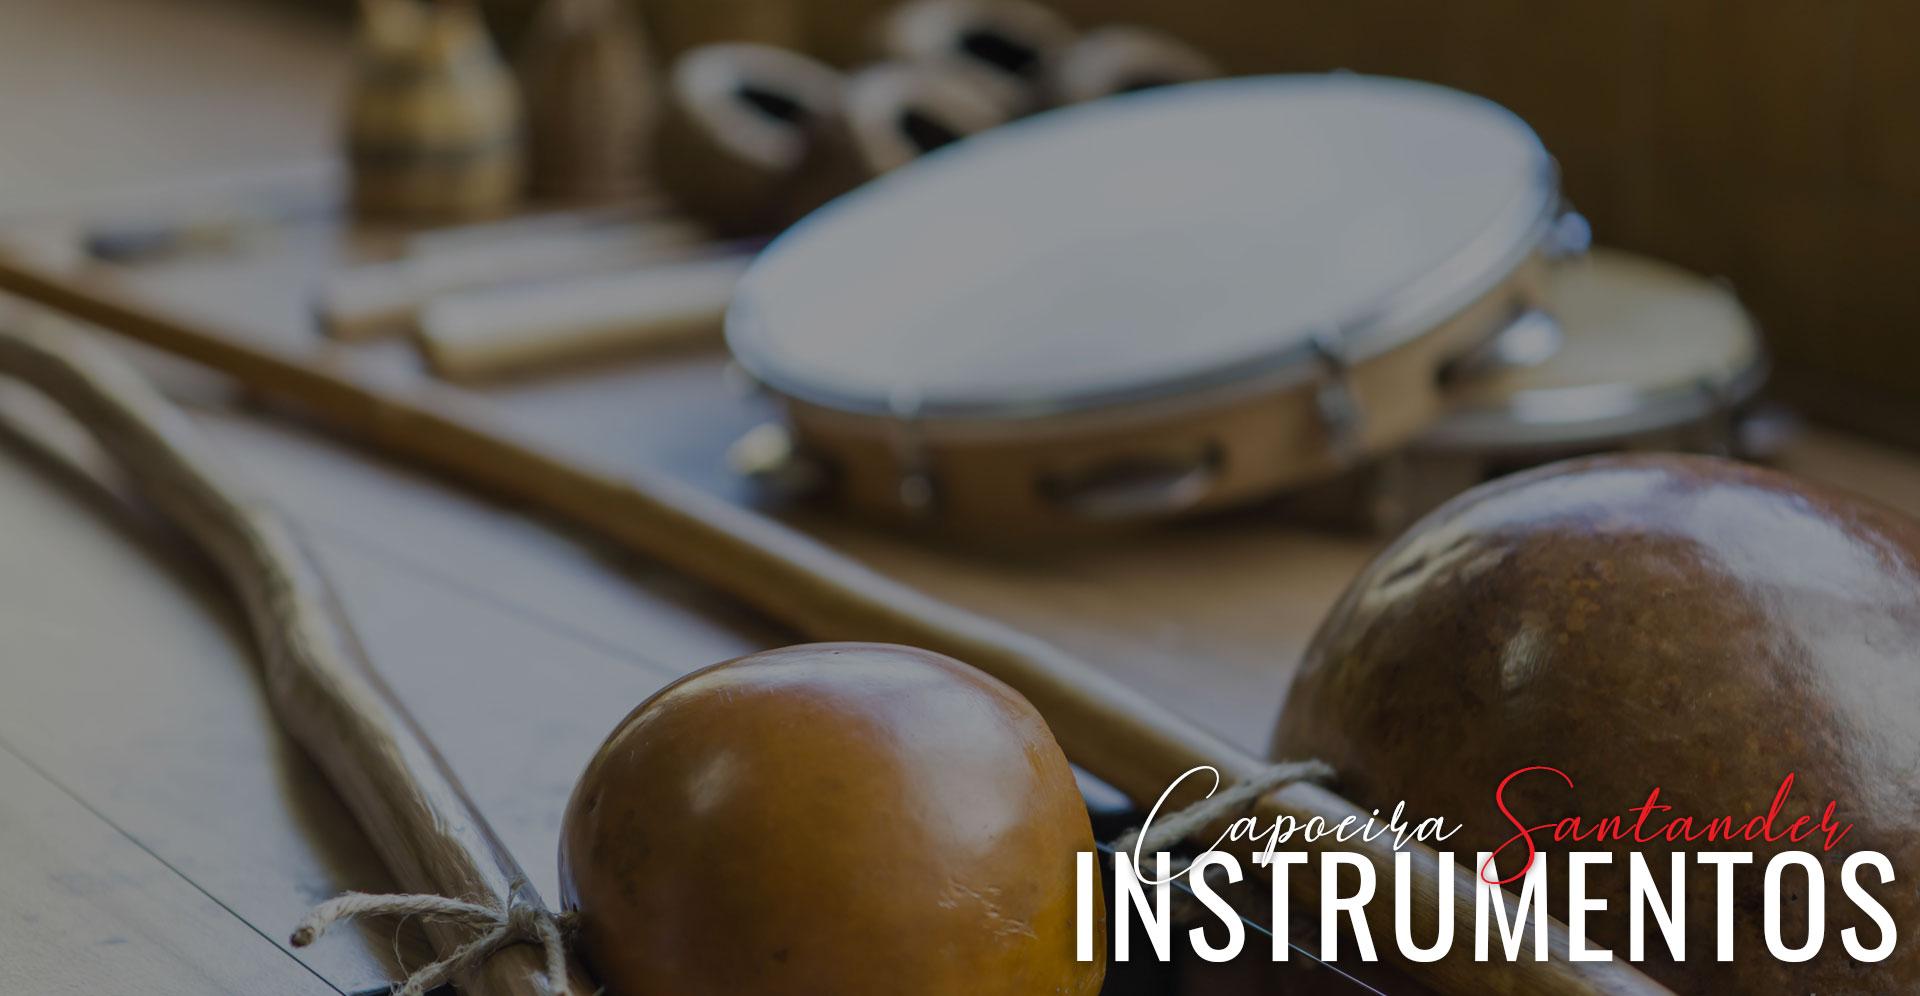 cabe-pc-instrumentos-de-capoeira-santander-clases-capoeira-cantabria-01